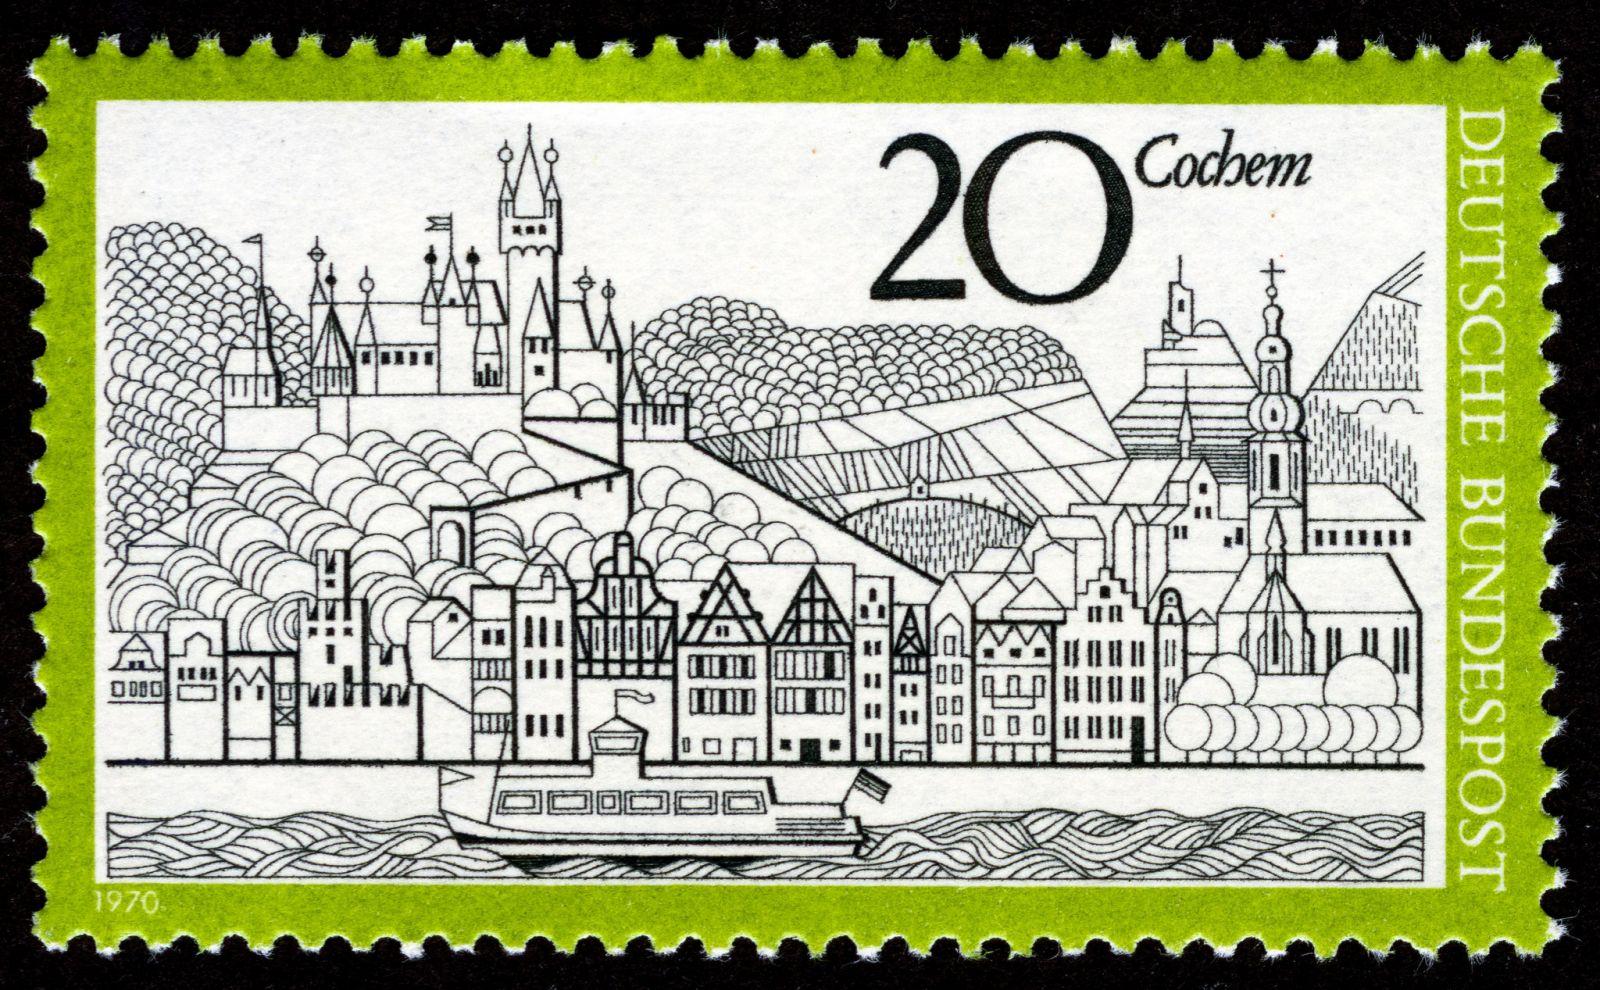 Cochem, 1970